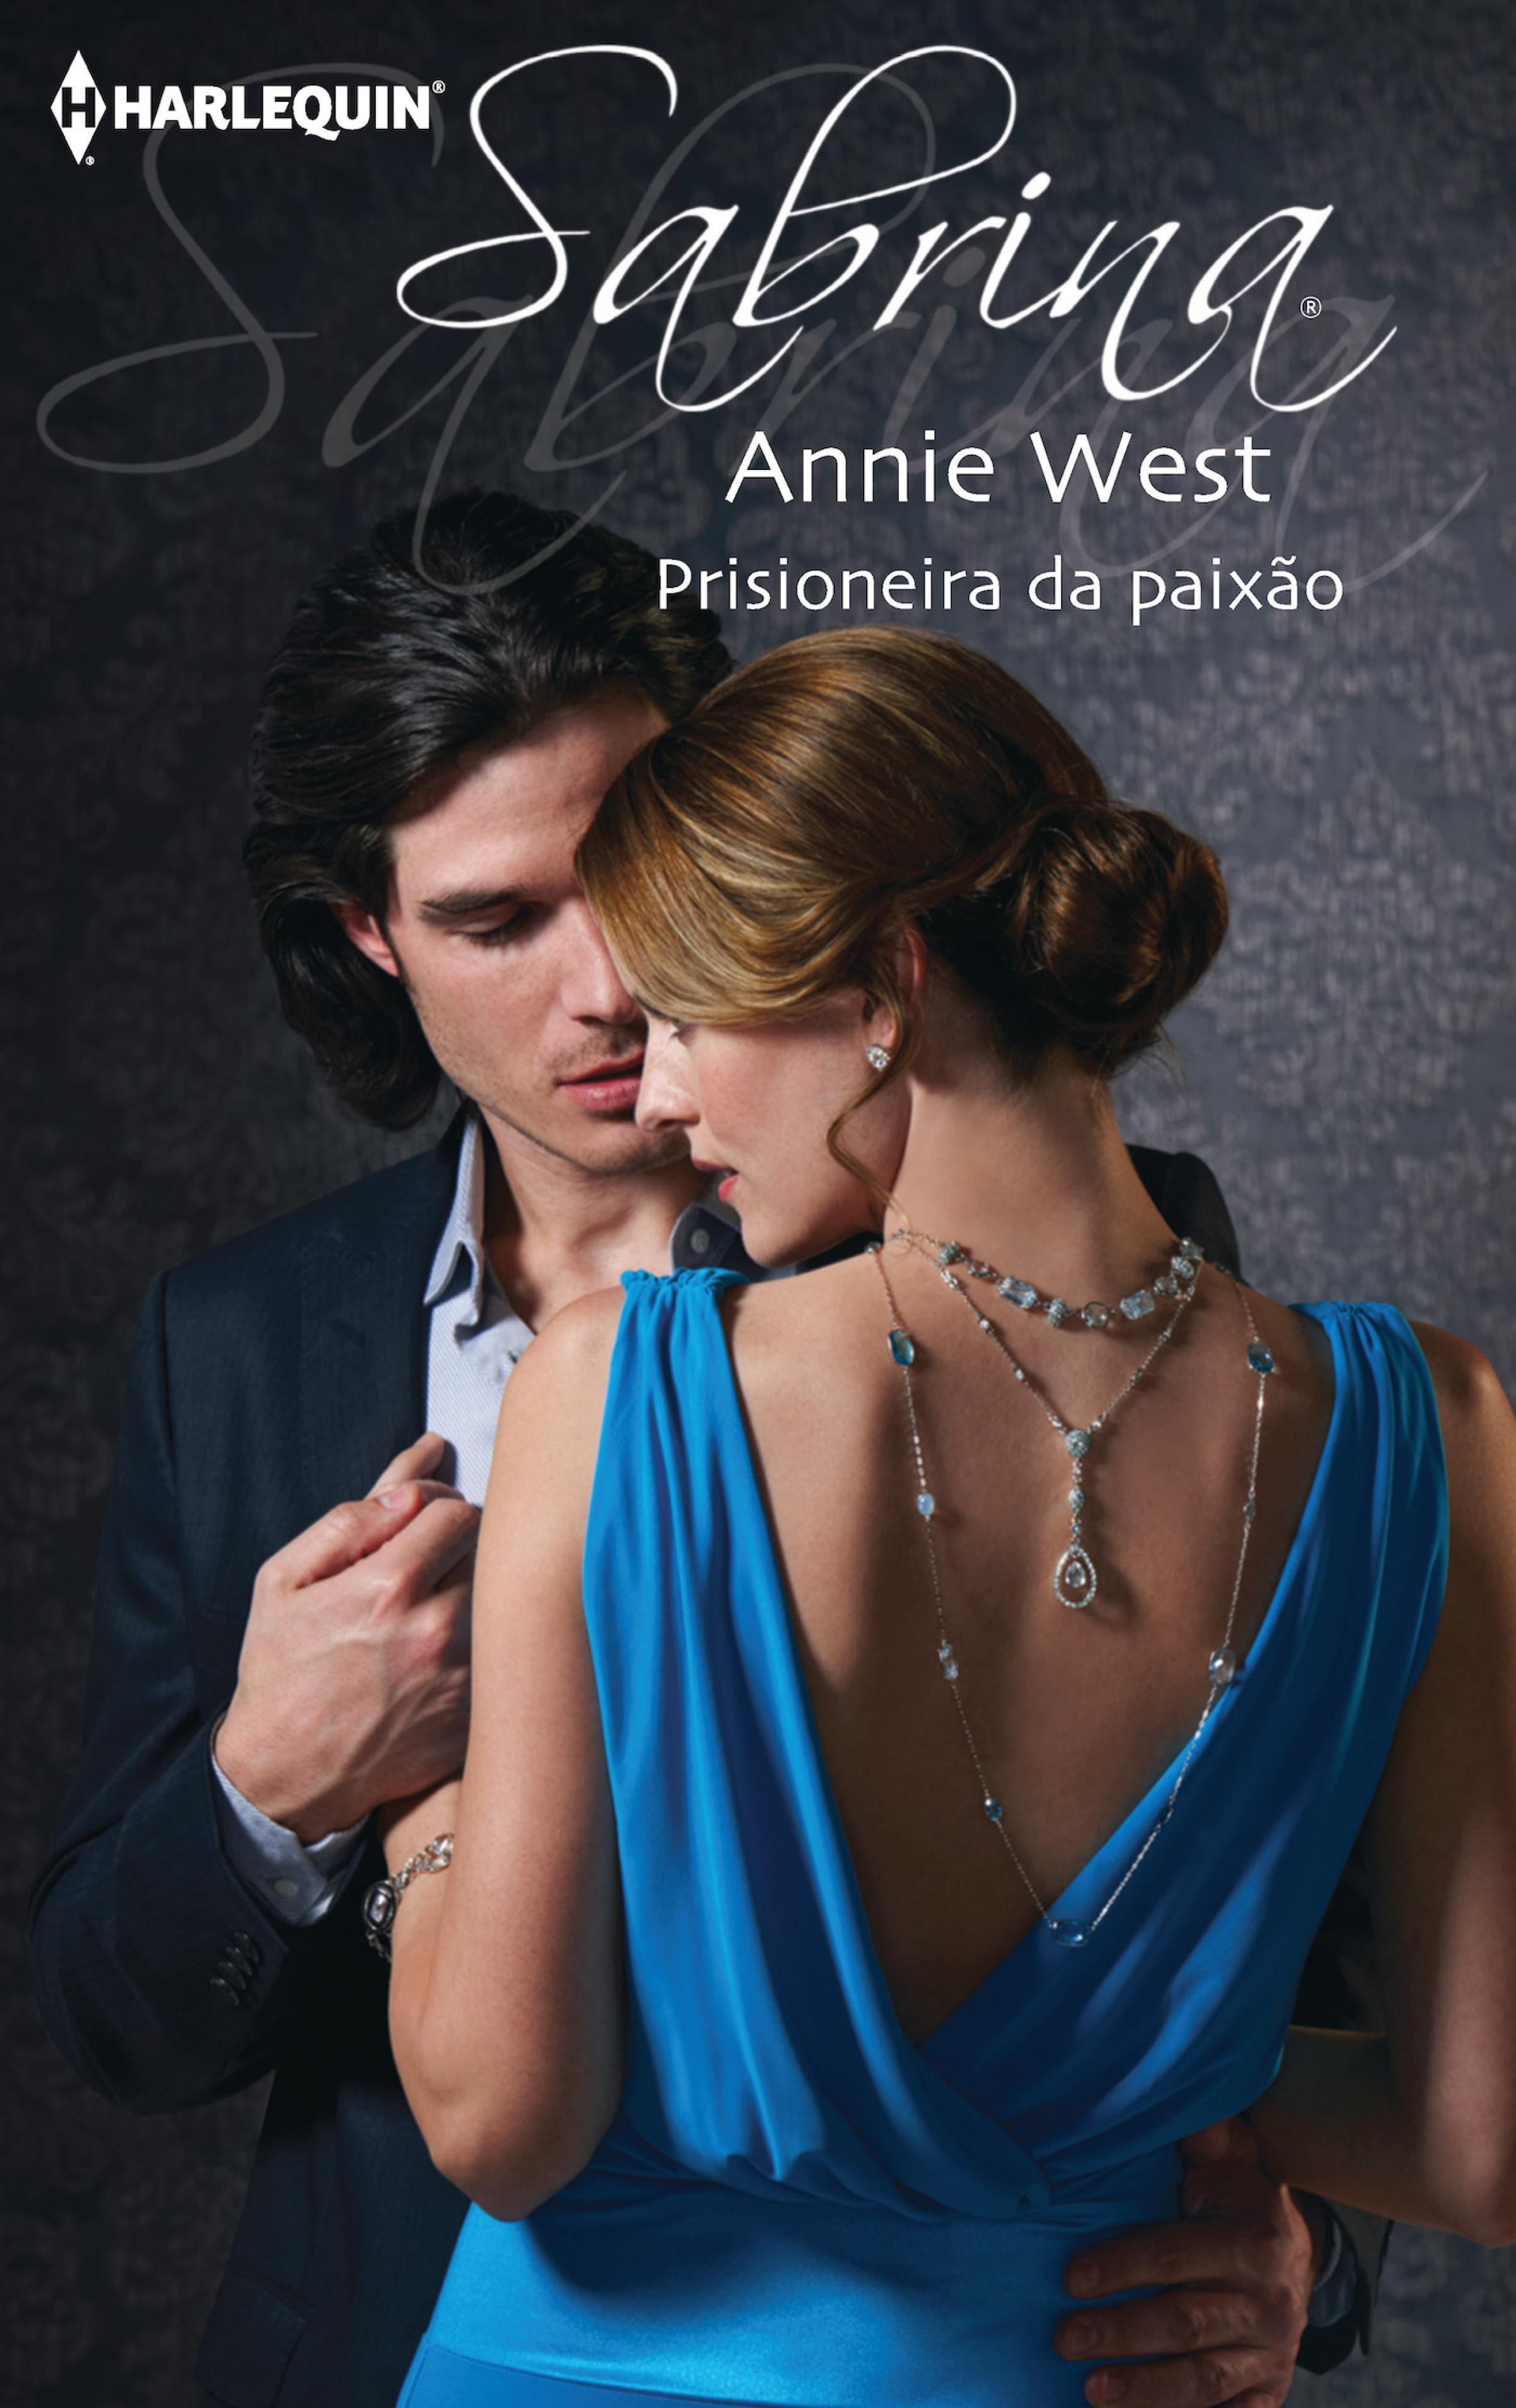 Annie West Prisioneira da paixão лонгслив printio с собачкой